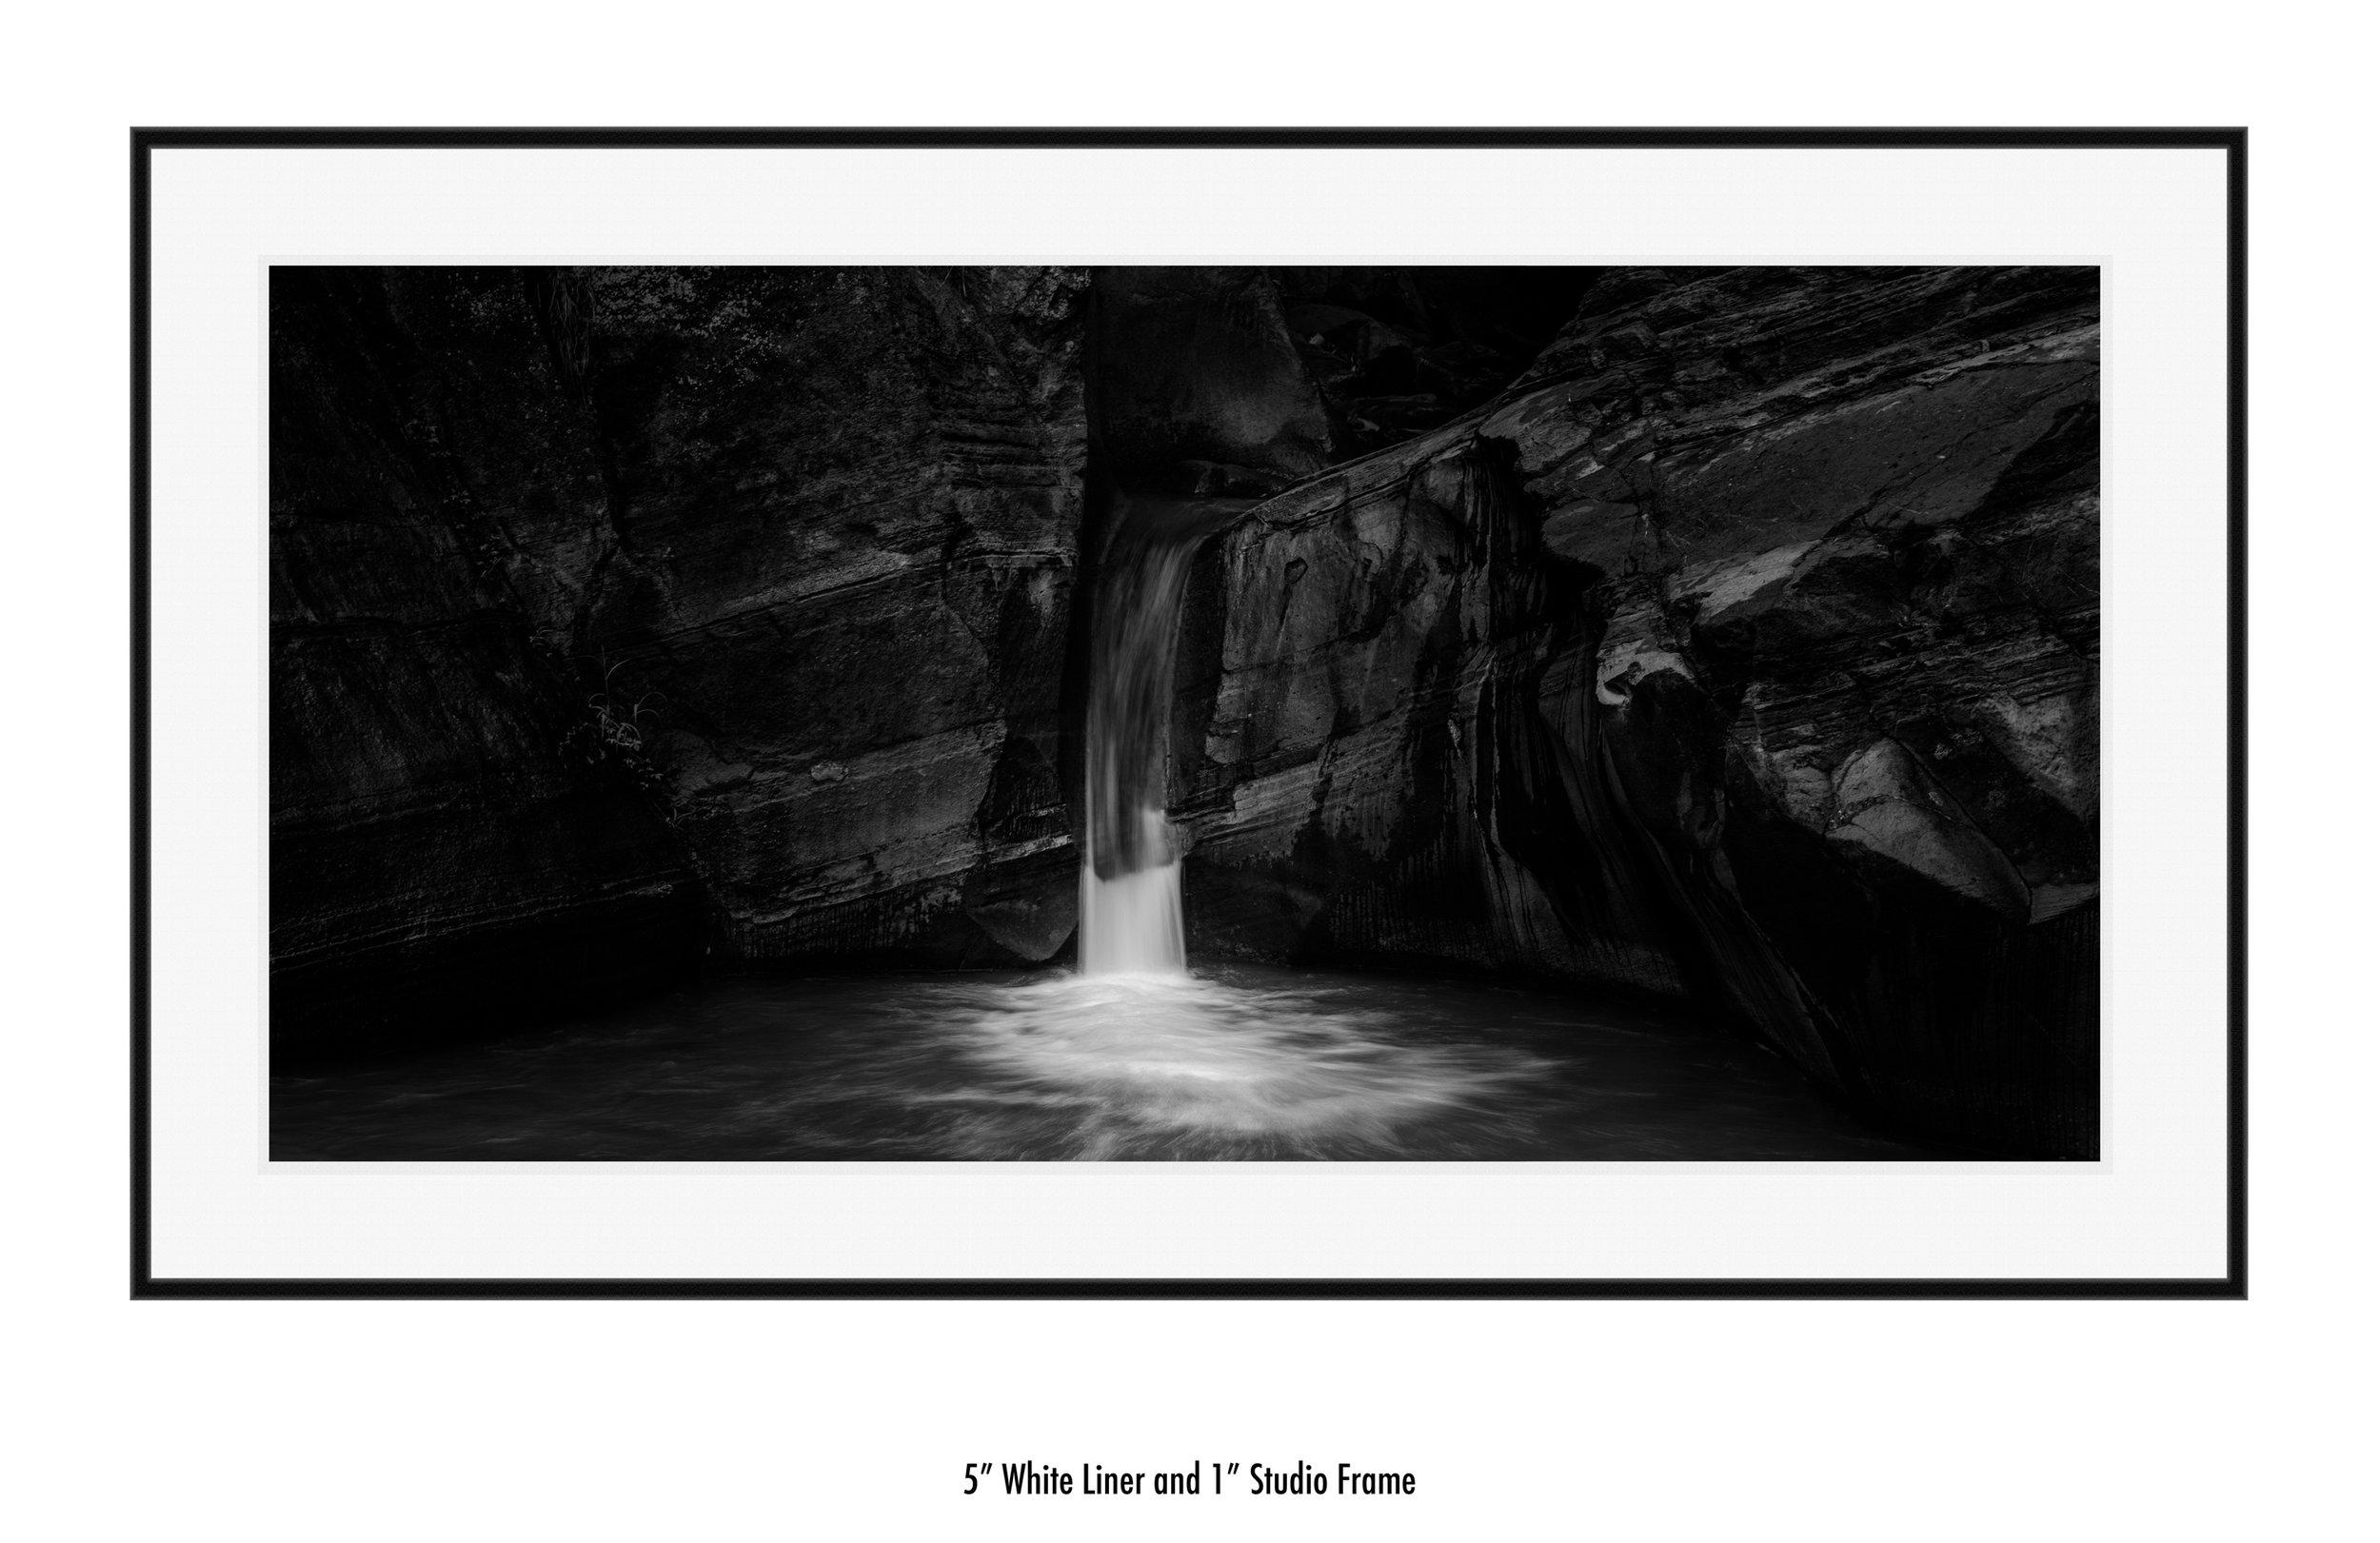 Dalije-white-liner-black-frame.jpg